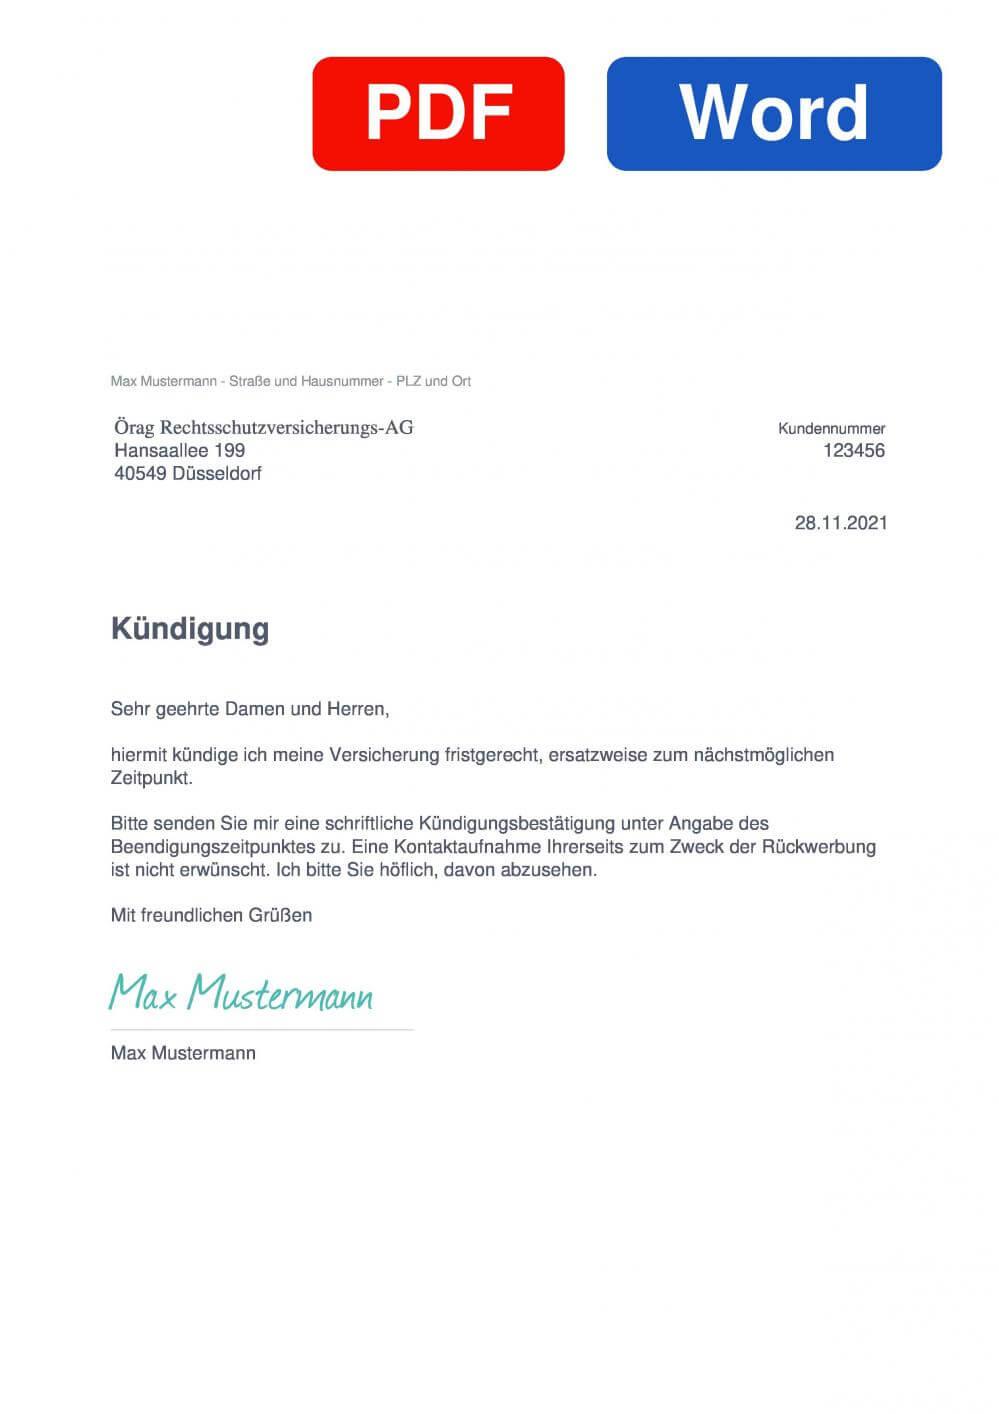 ÖRAG Rechtsschutz Muster Vorlage für Kündigungsschreiben